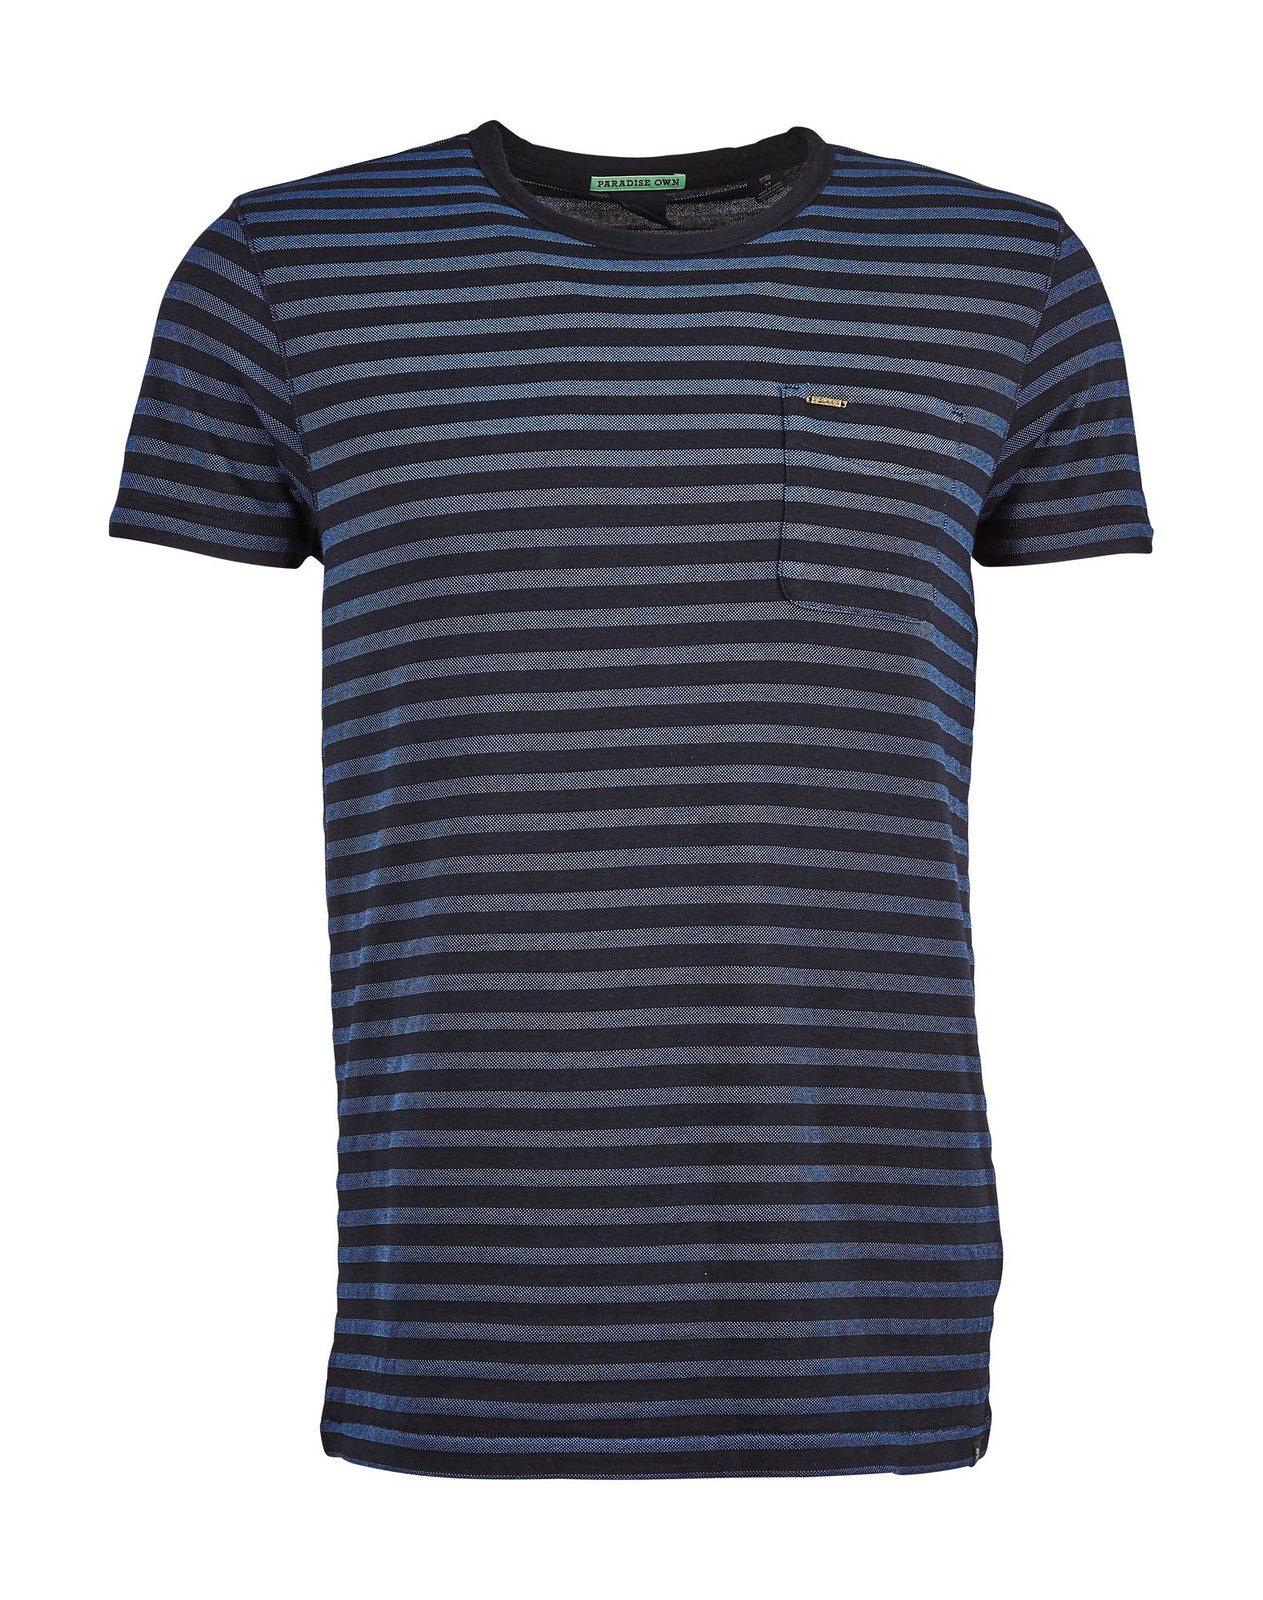 Scotch & Soda T-Shirt »Pique mit feinem Streifen« - broschei